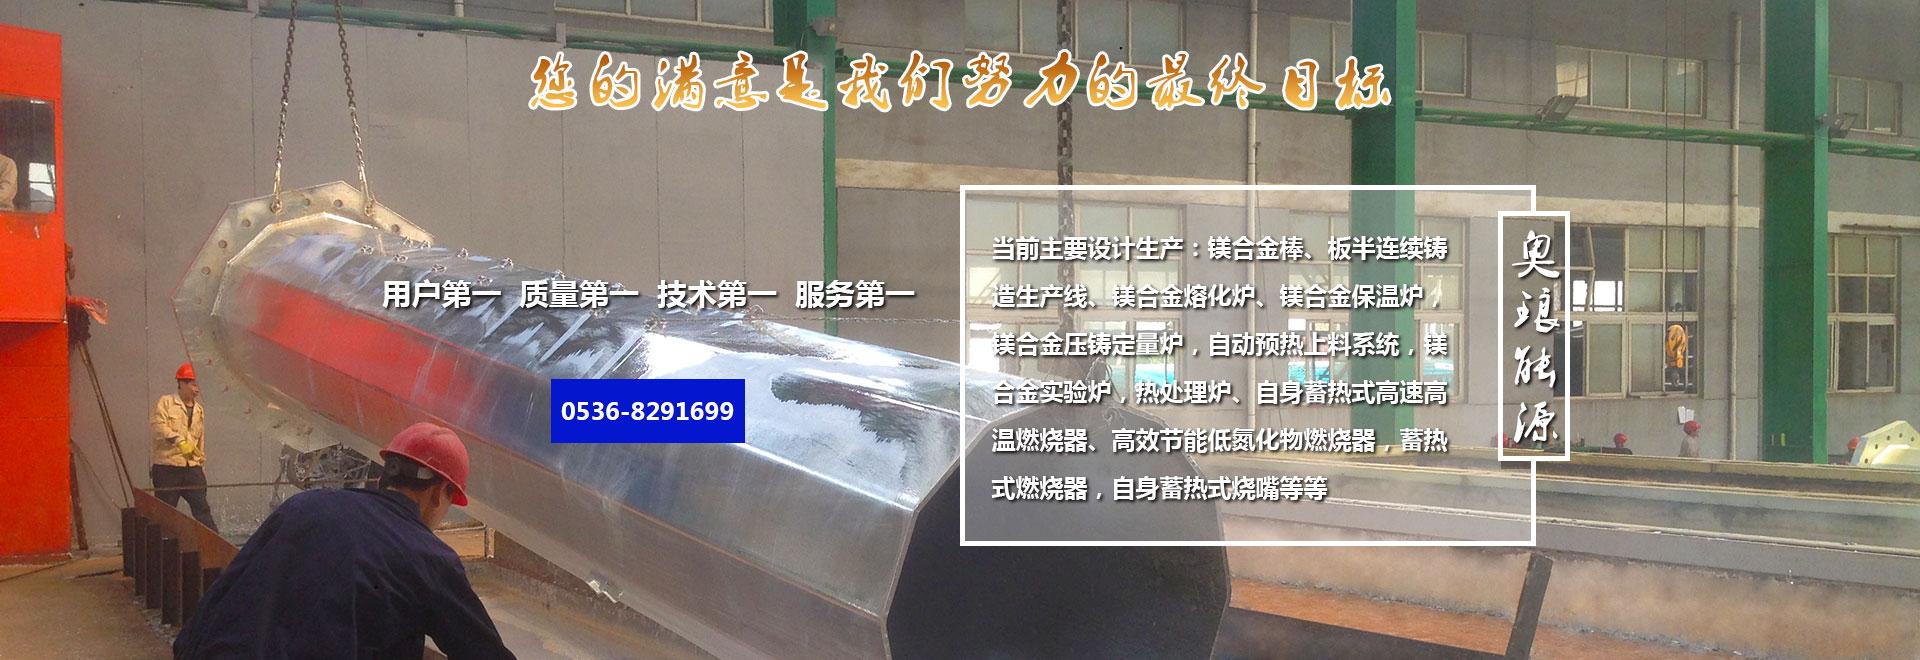 铝合金保温炉